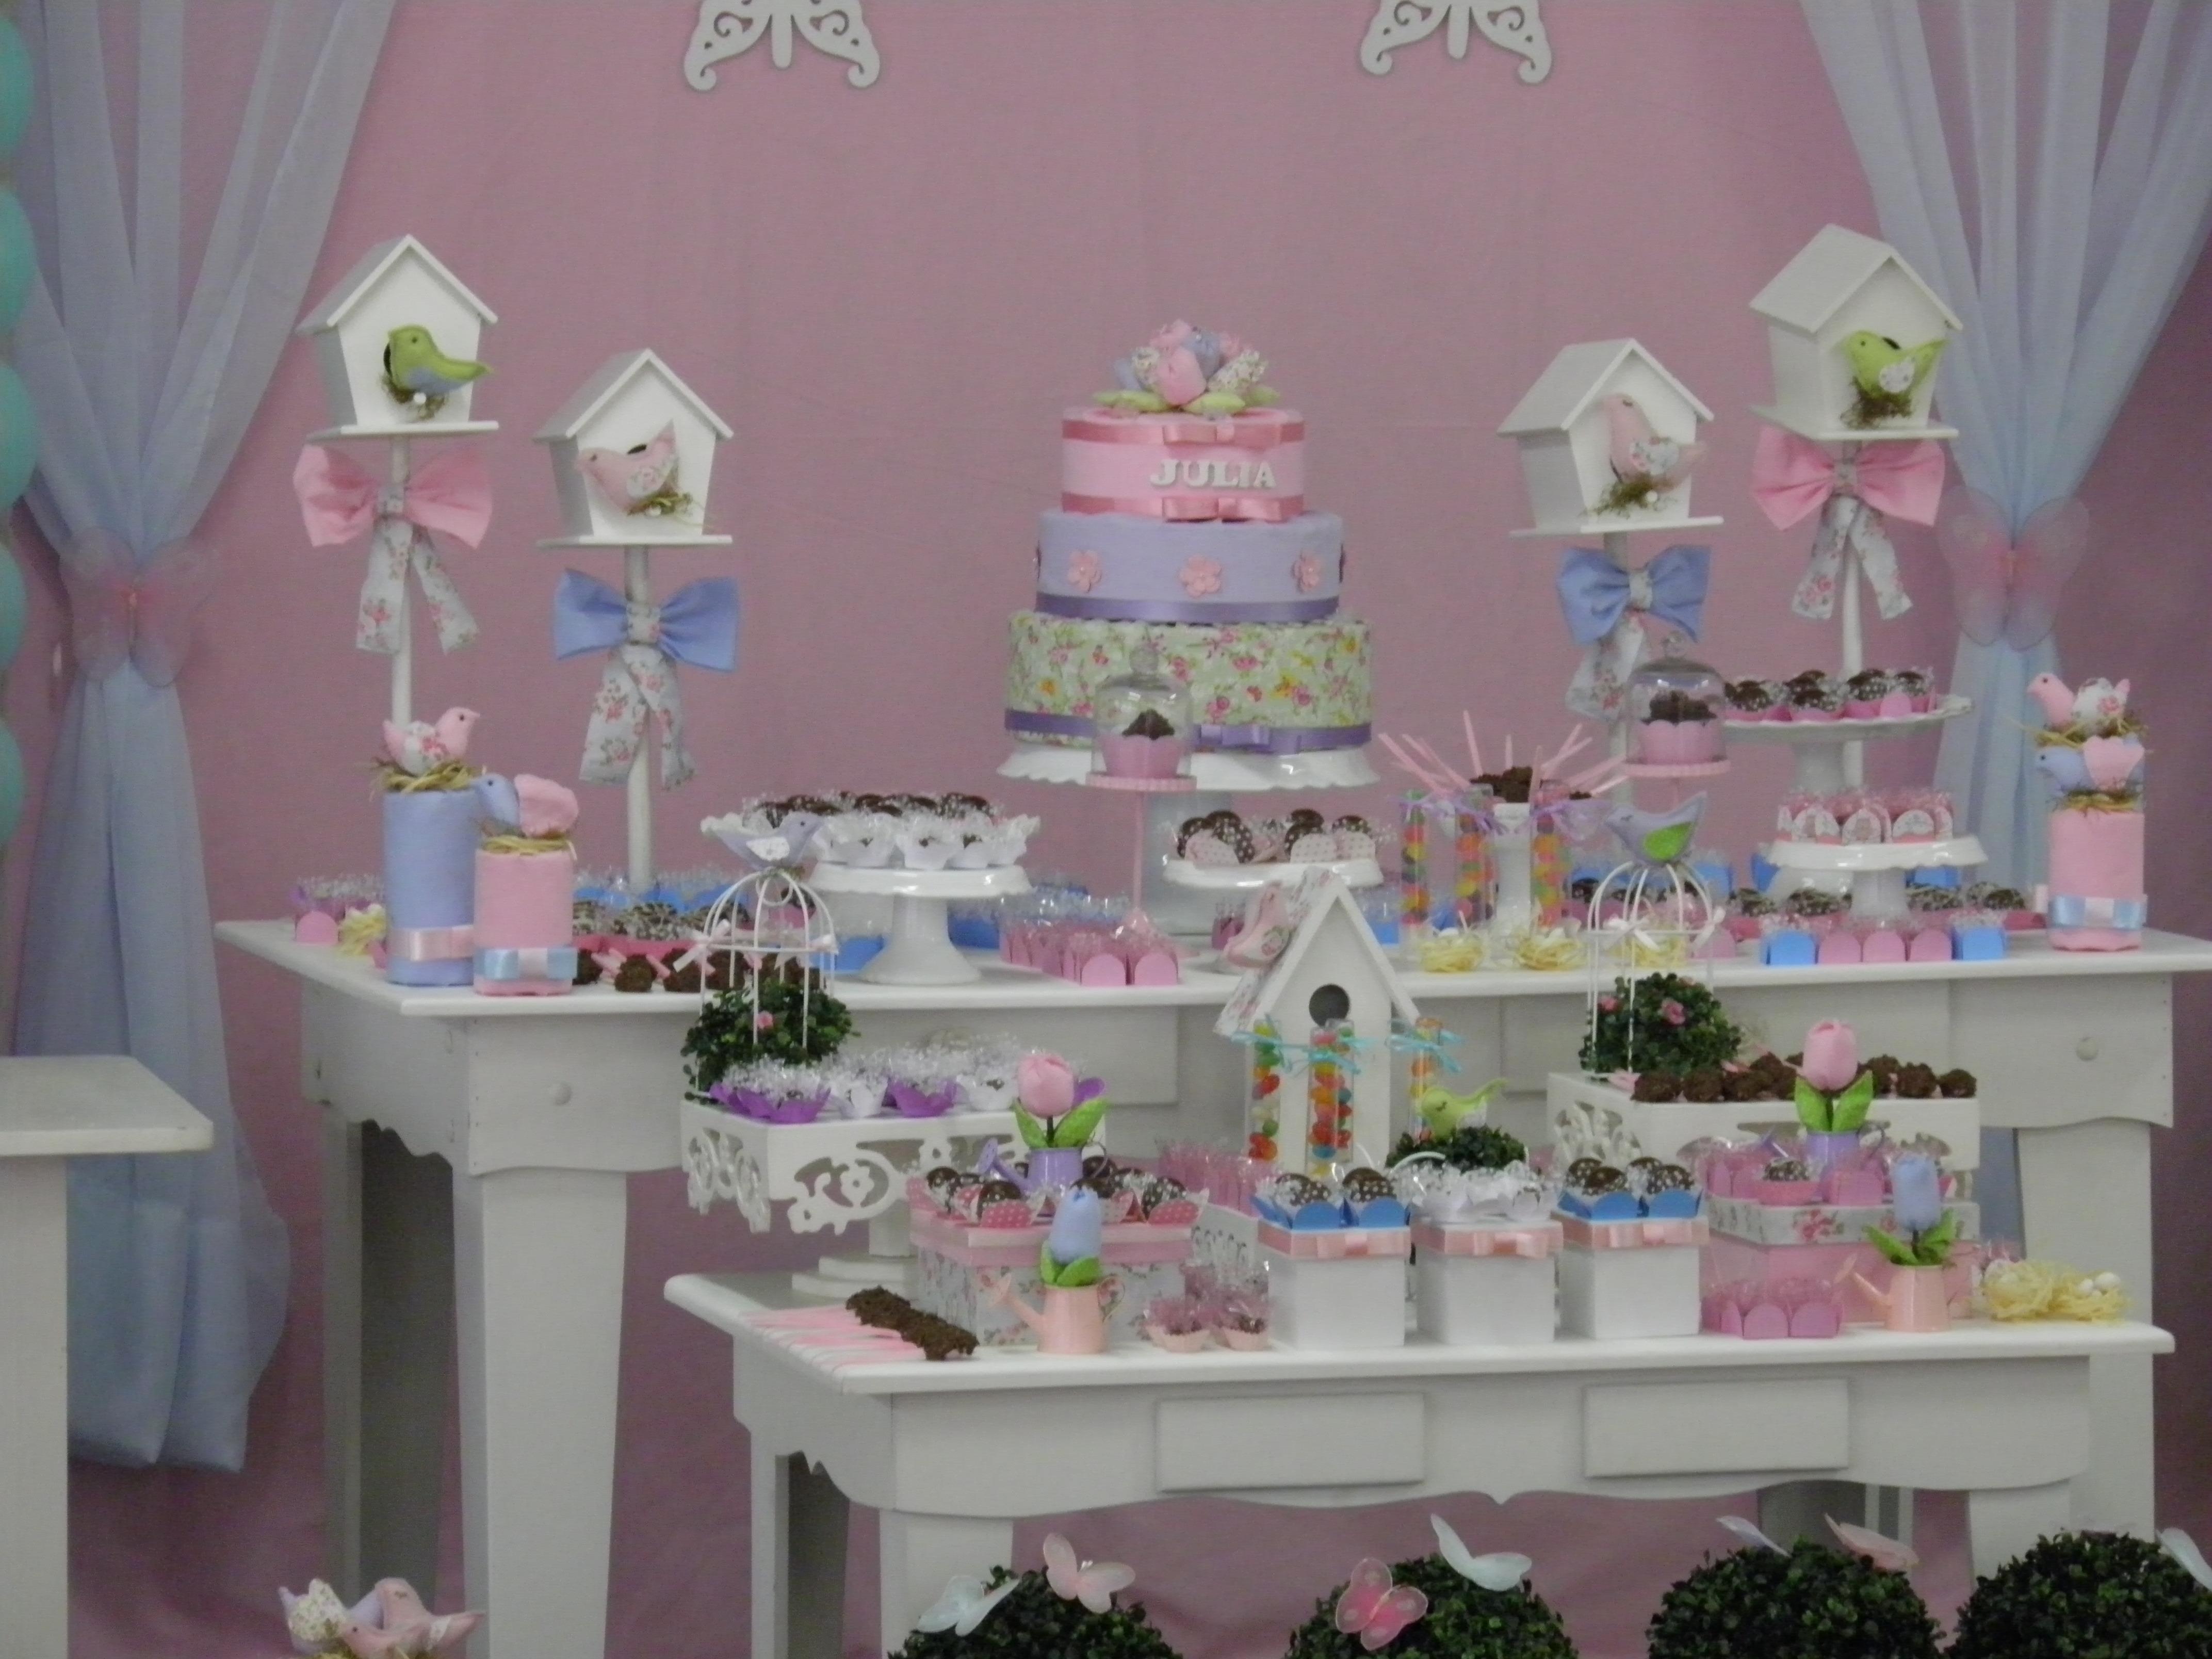 decoracao de jardim para festa infantil : decoracao de jardim para festa infantil:Festa jardim passarinhos e borboletas